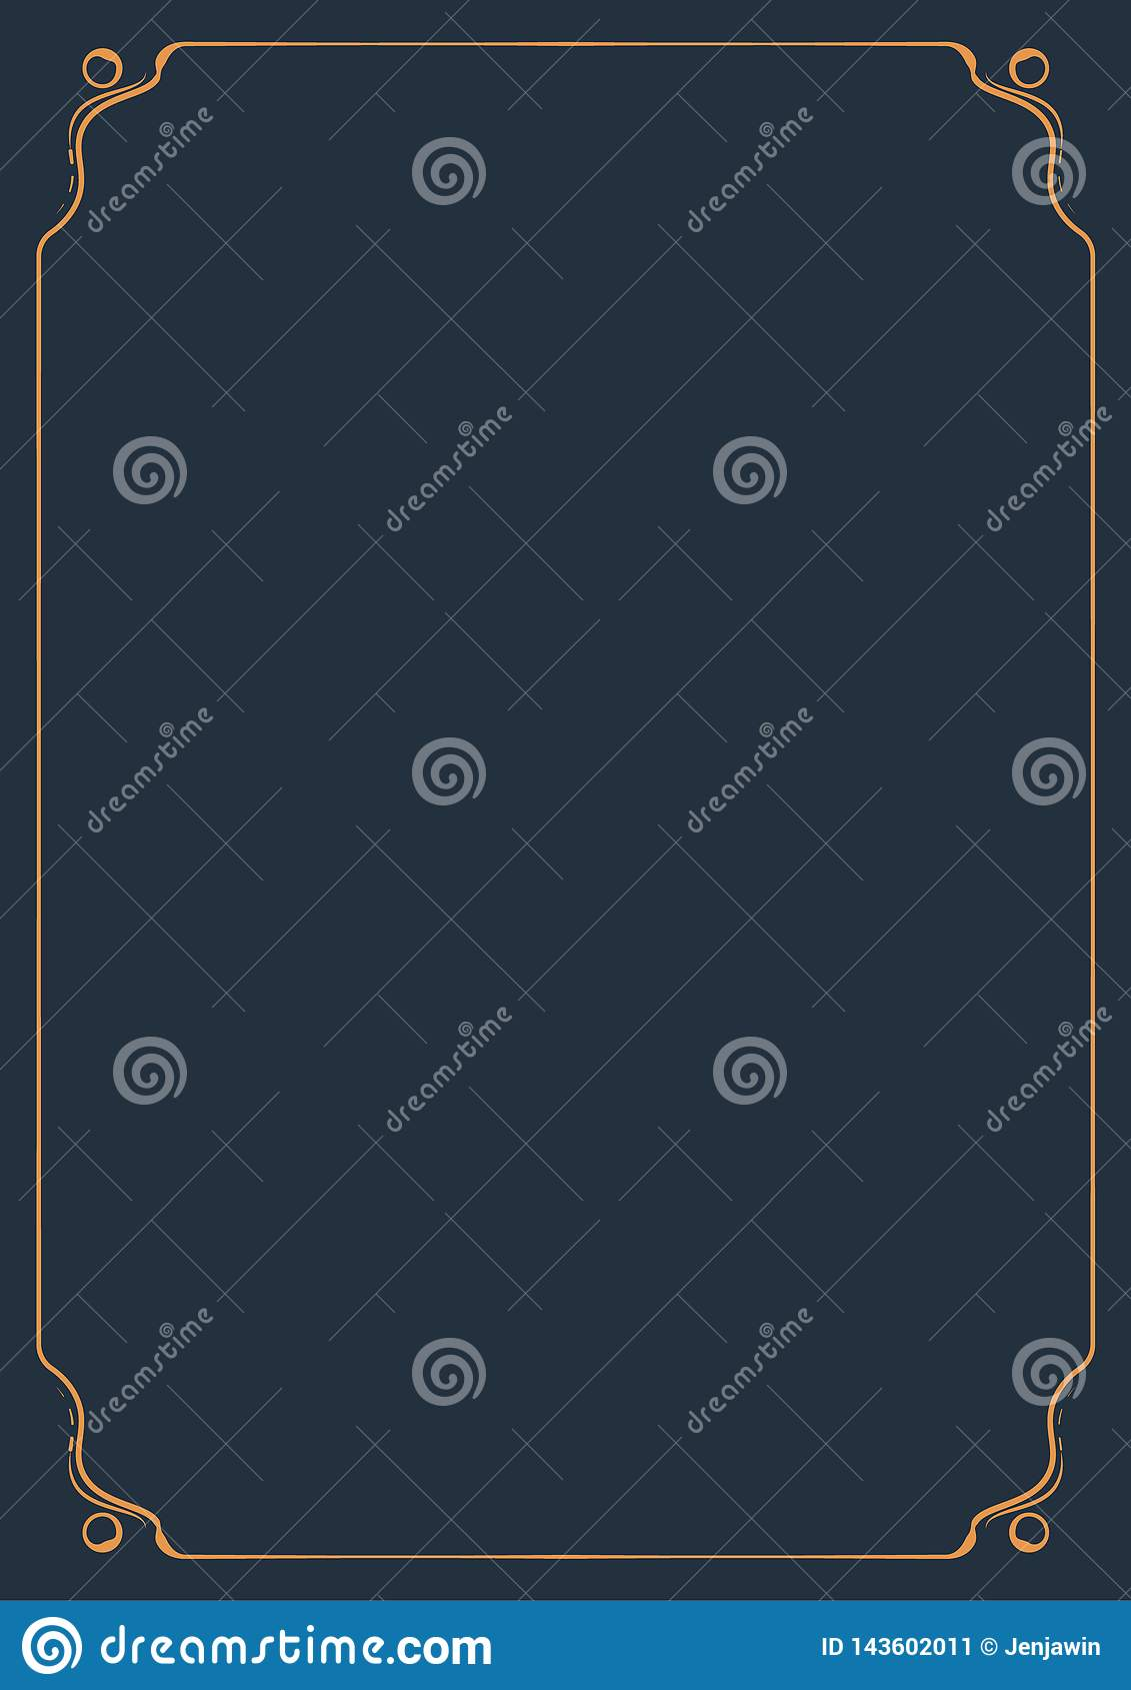 De decoratieve klassieke stijl van het ornament uitstekende oranje kader voor A4-pagina Ornamentkader voor paginaa4 vector